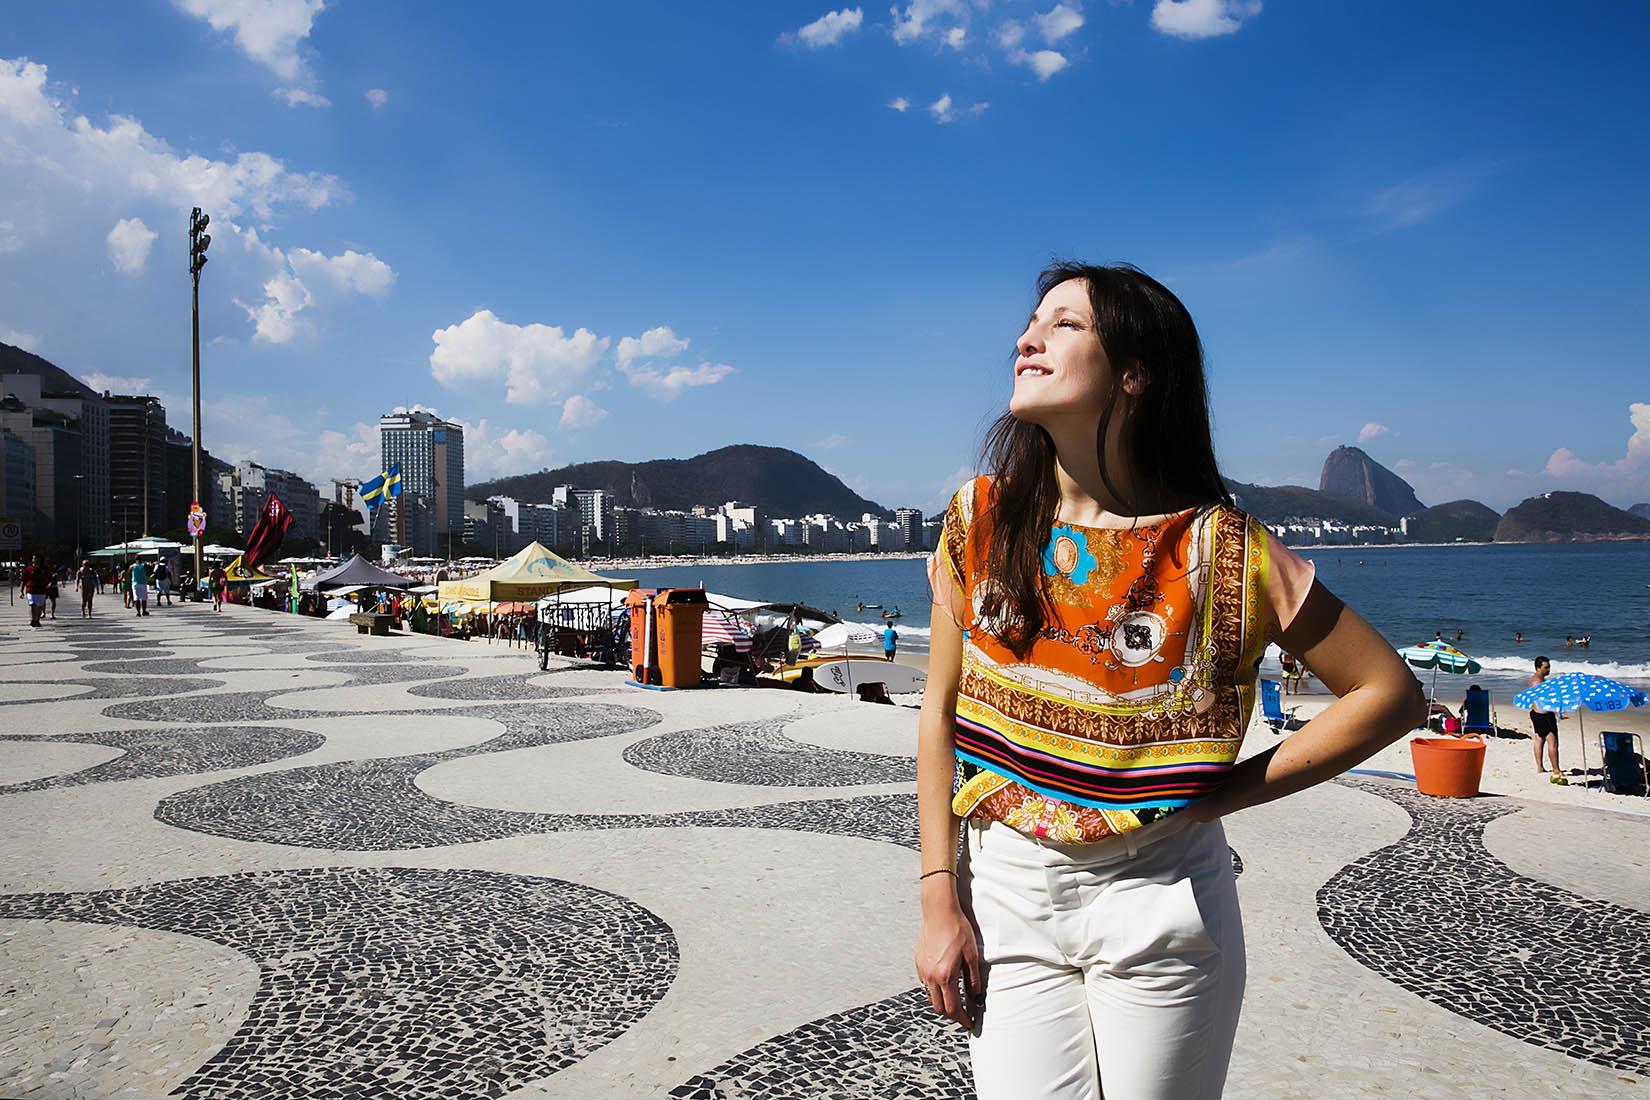 Carminho na calcada de Copacaban, Rio de Janeiro, Brasil 29-01-2015 fotografia: Marisa Cardoso